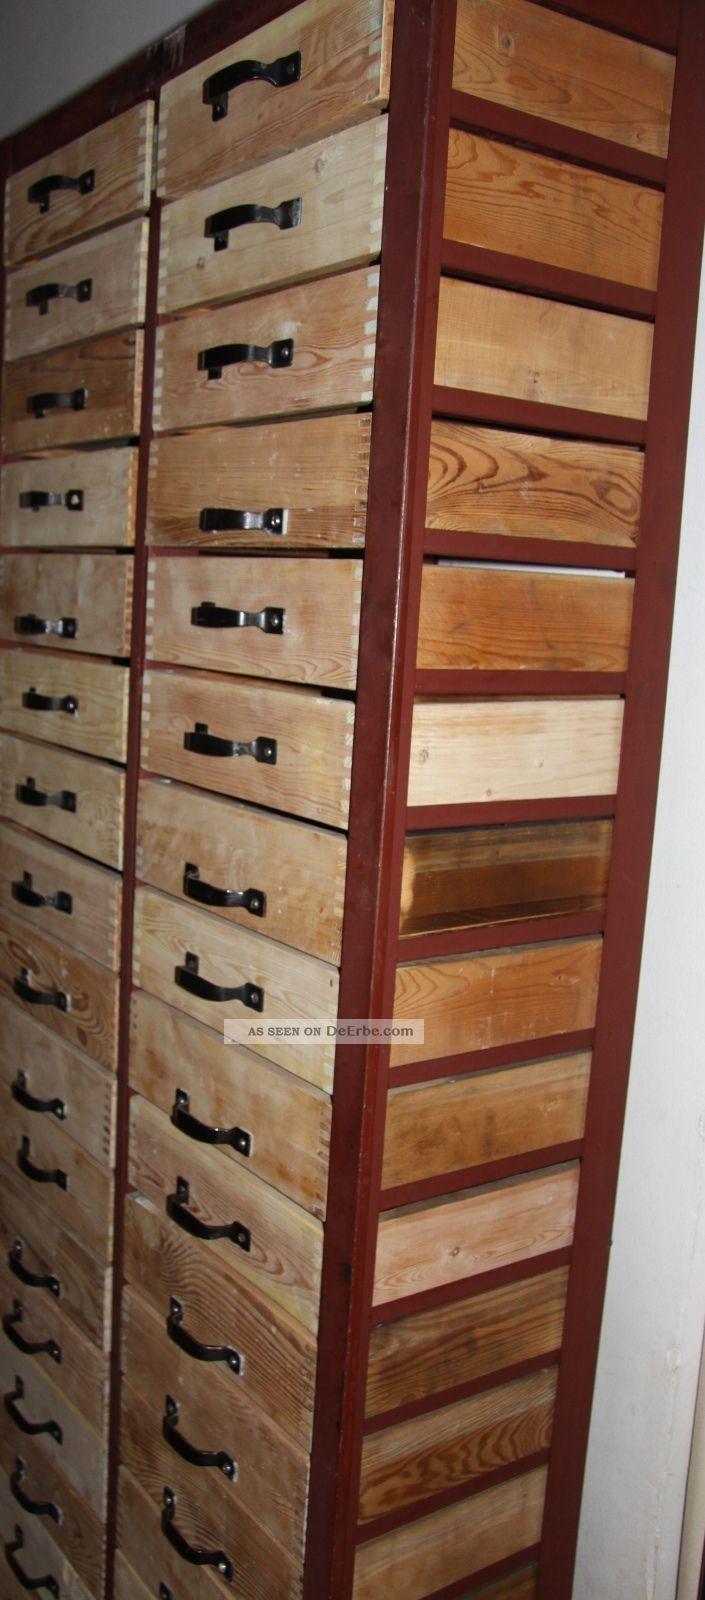 schubladenschrank schubladenregal loft werkzeugregal holz. Black Bedroom Furniture Sets. Home Design Ideas